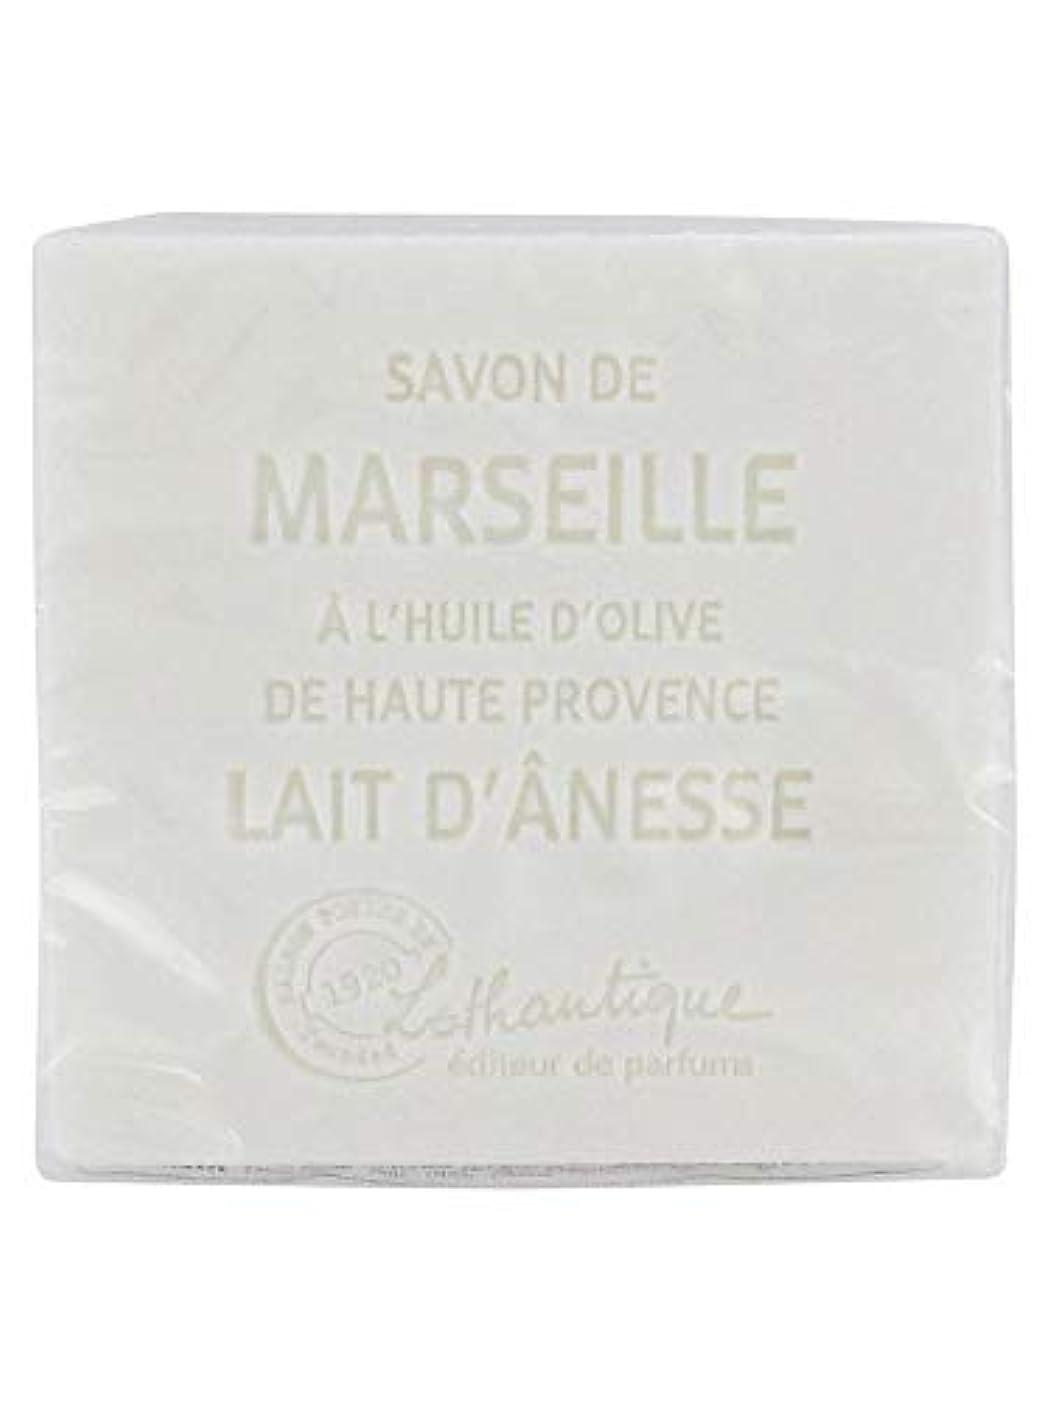 借りるすみません売り手Lothantique(ロタンティック) Les savons de Marseille(マルセイユソープ) マルセイユソープ 100g 「ミルク(ロバミルク)」 3420070038043